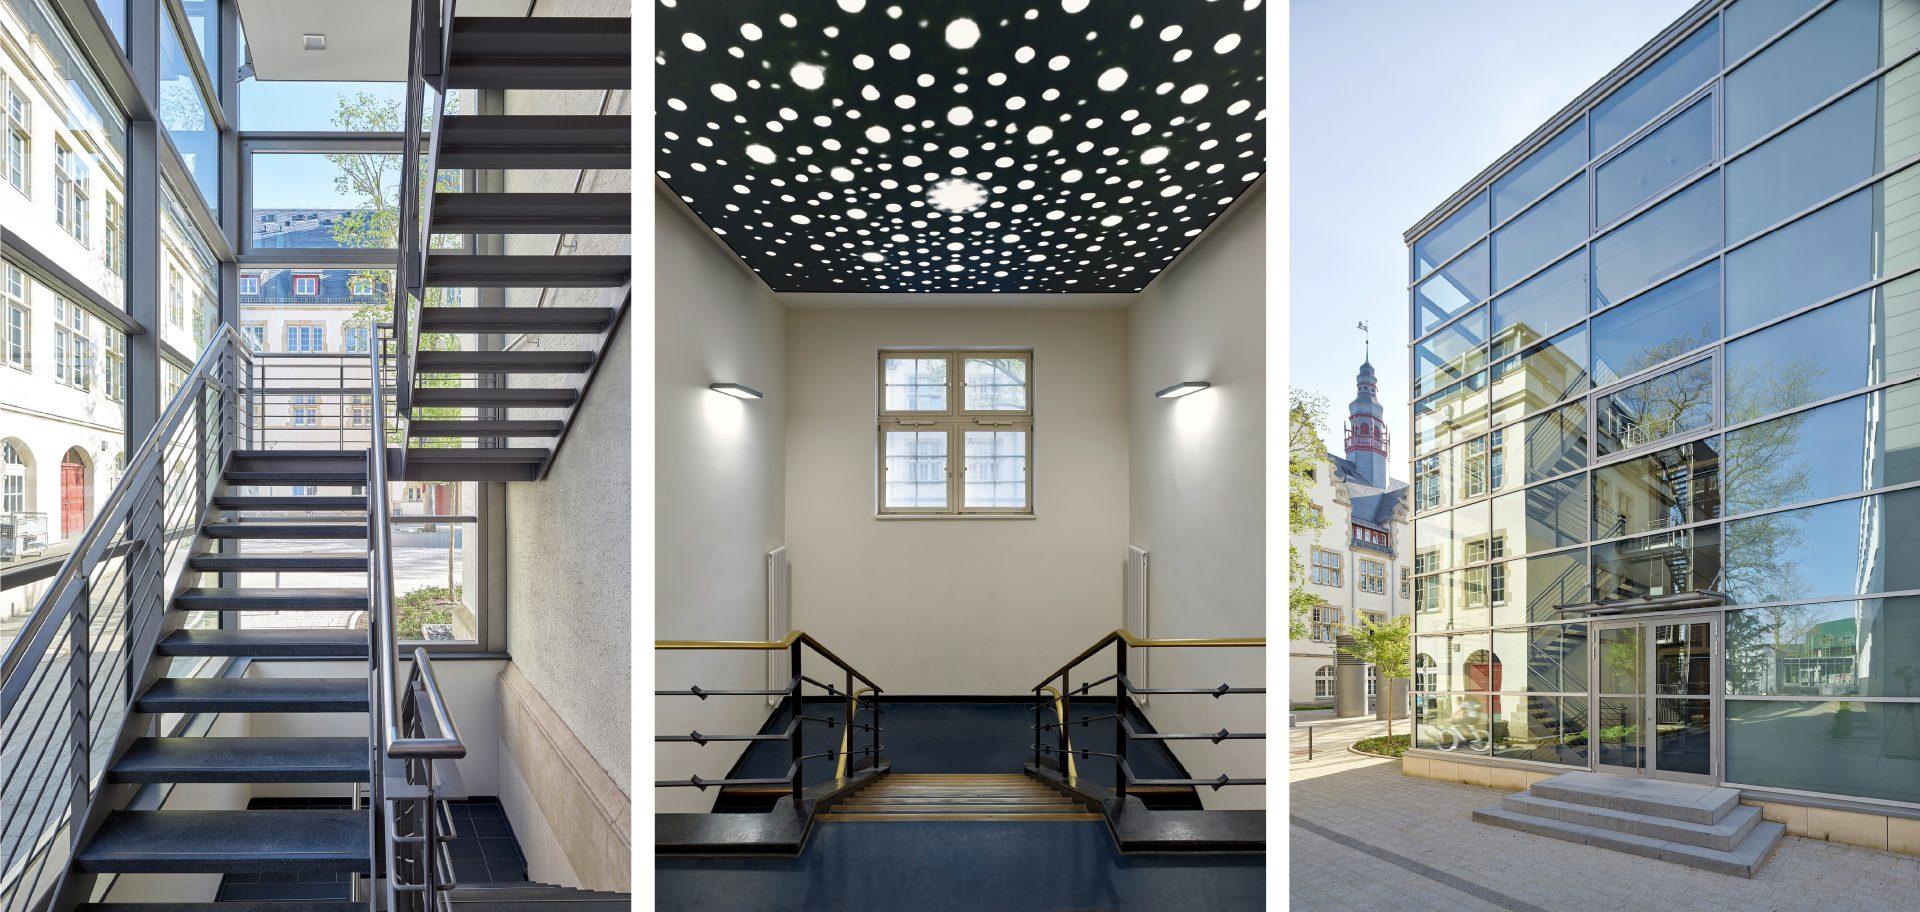 https://www.stricker-architekten.de/projekte/leibniz-universitaet-hannover-umbau-und-sanierung-hochschulgebaeude-2504-hannover/